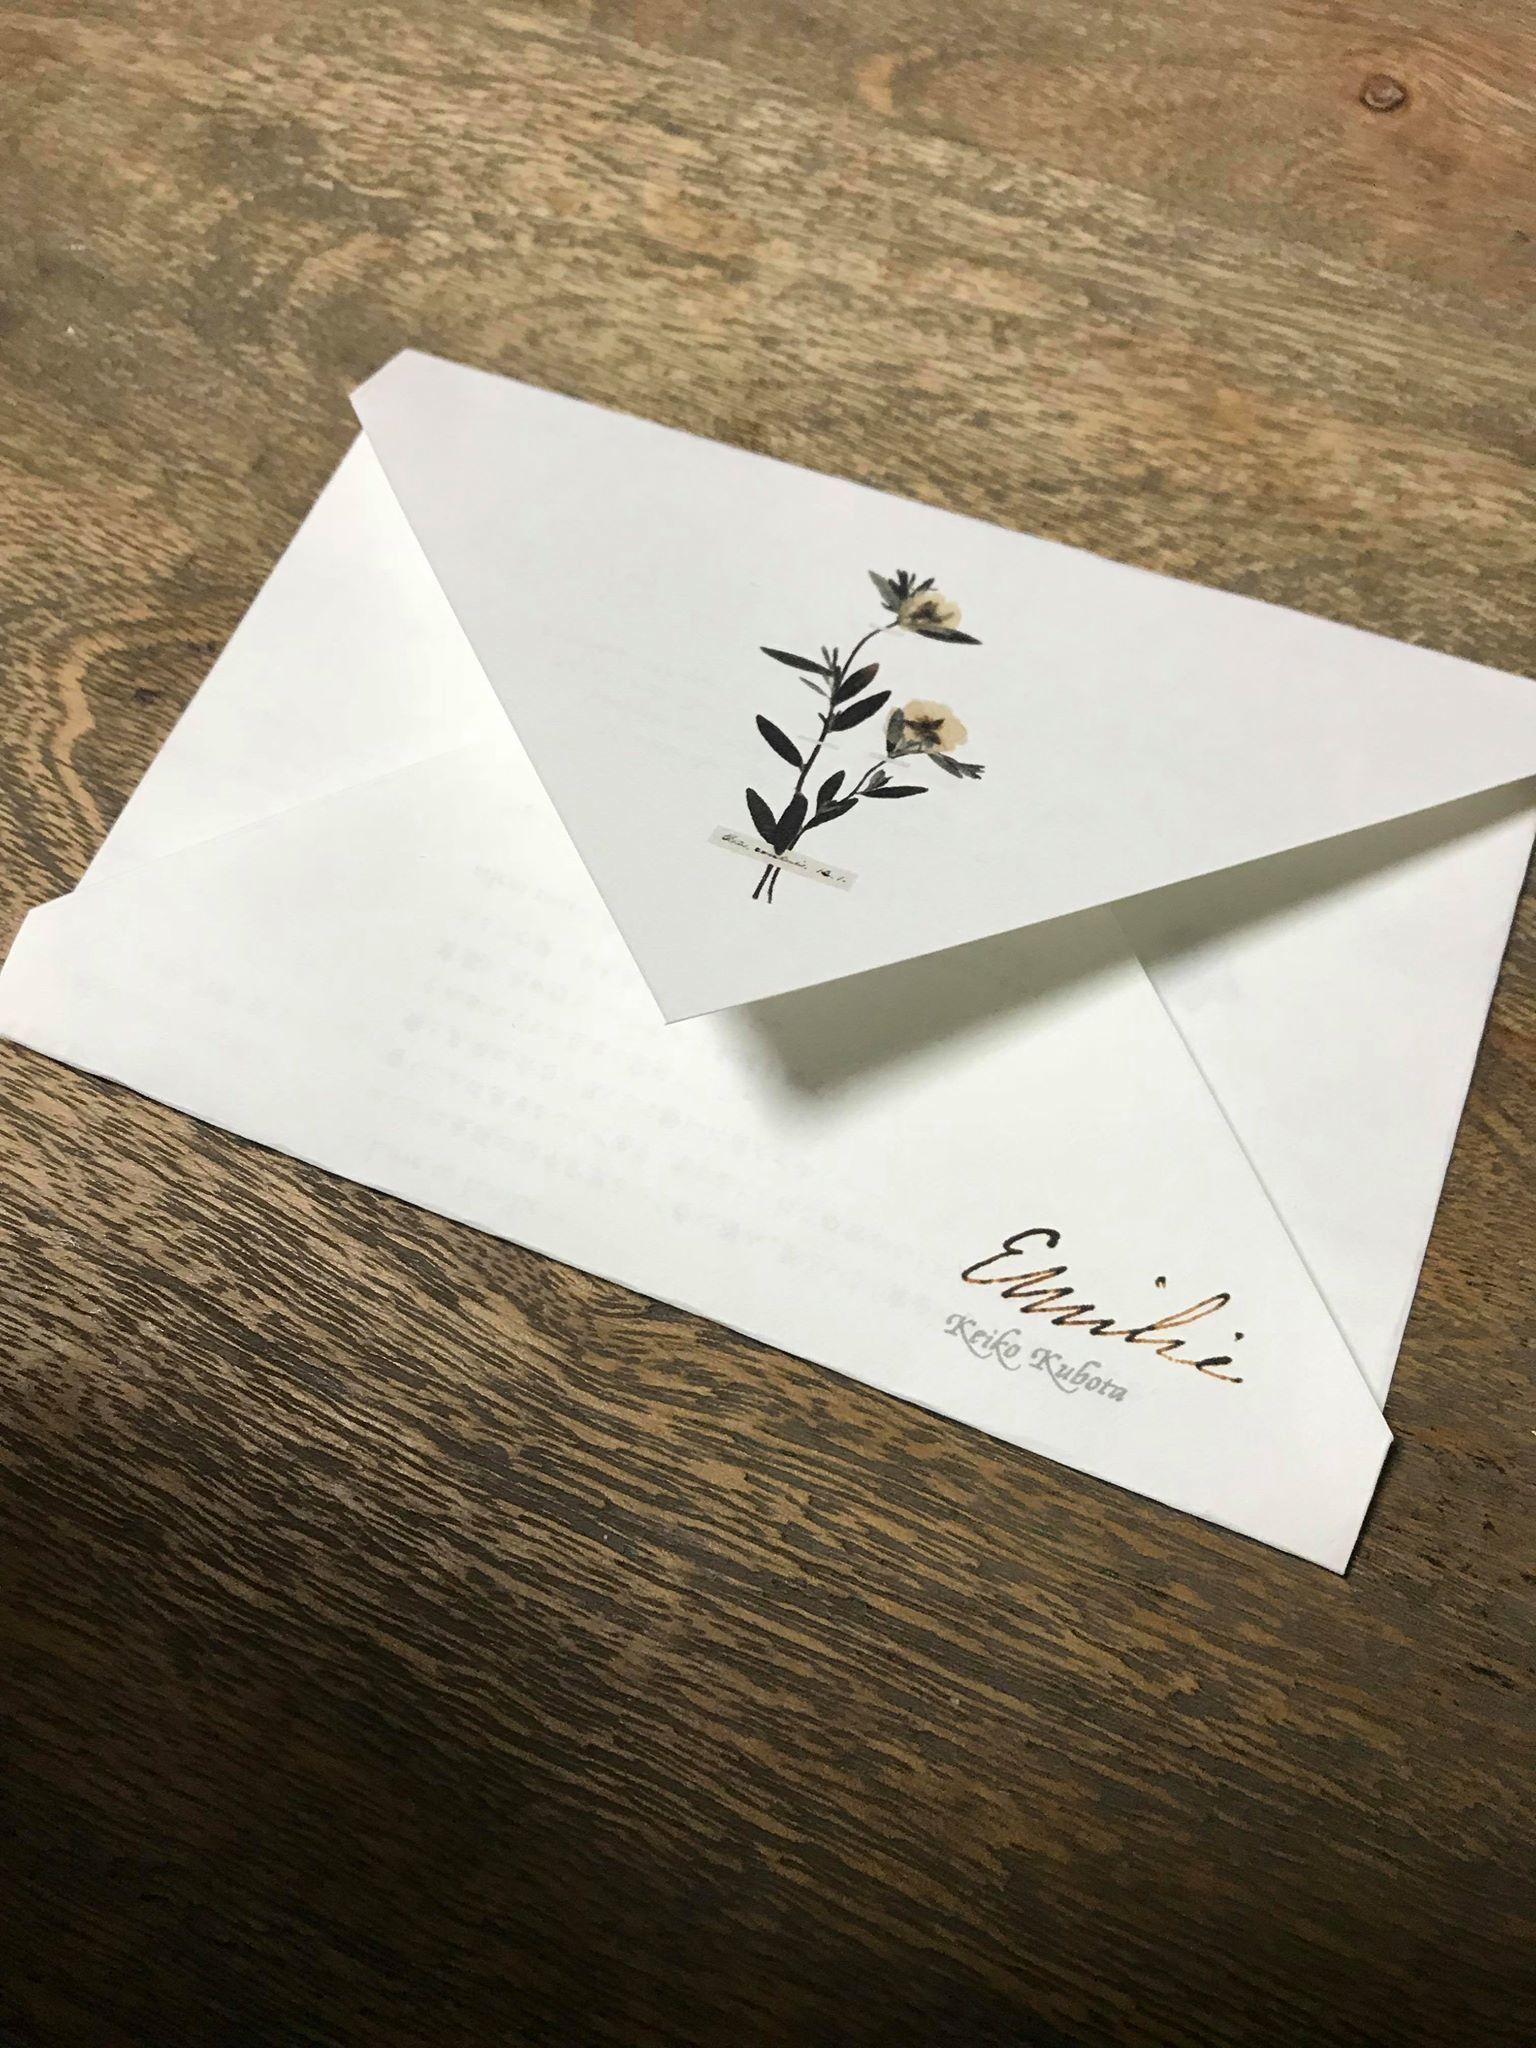 音楽という手紙 Emilie  ~ for Emily Dickinson ~_c0203401_11370448.jpg